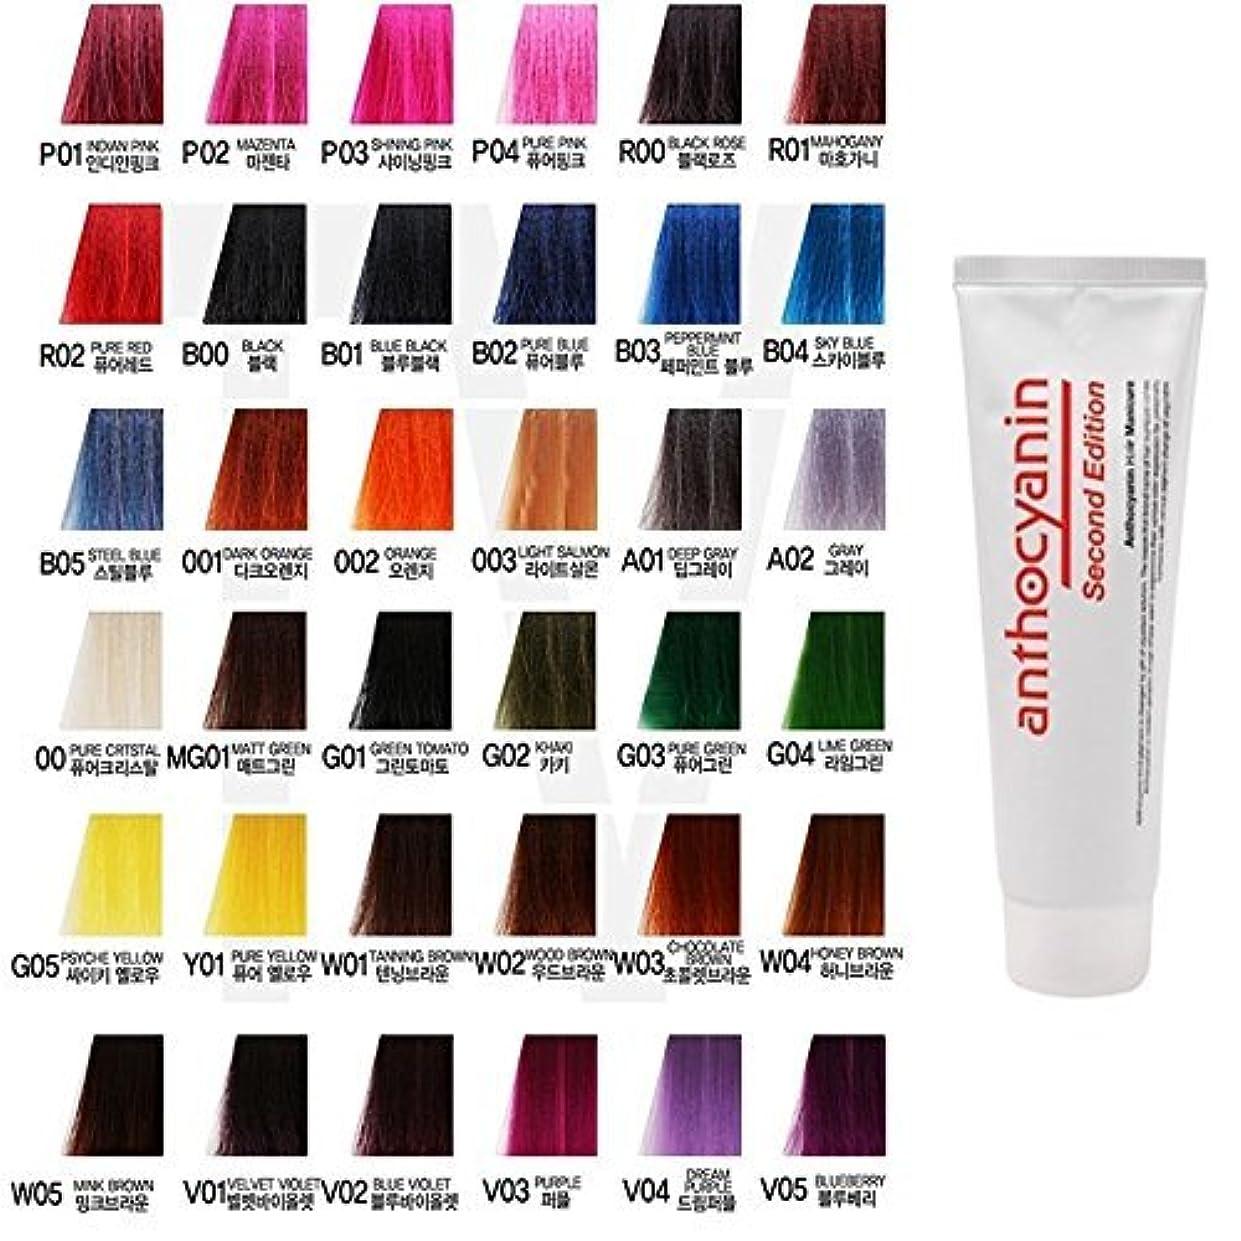 ありがたい表面会社ヘア マニキュア カラー セカンド エディション 230g セミ パーマネント 染毛剤 ( Hair Manicure Color Second Edition 230g Semi Permanent Hair Dye) [並行輸入品] (O02 Orange)